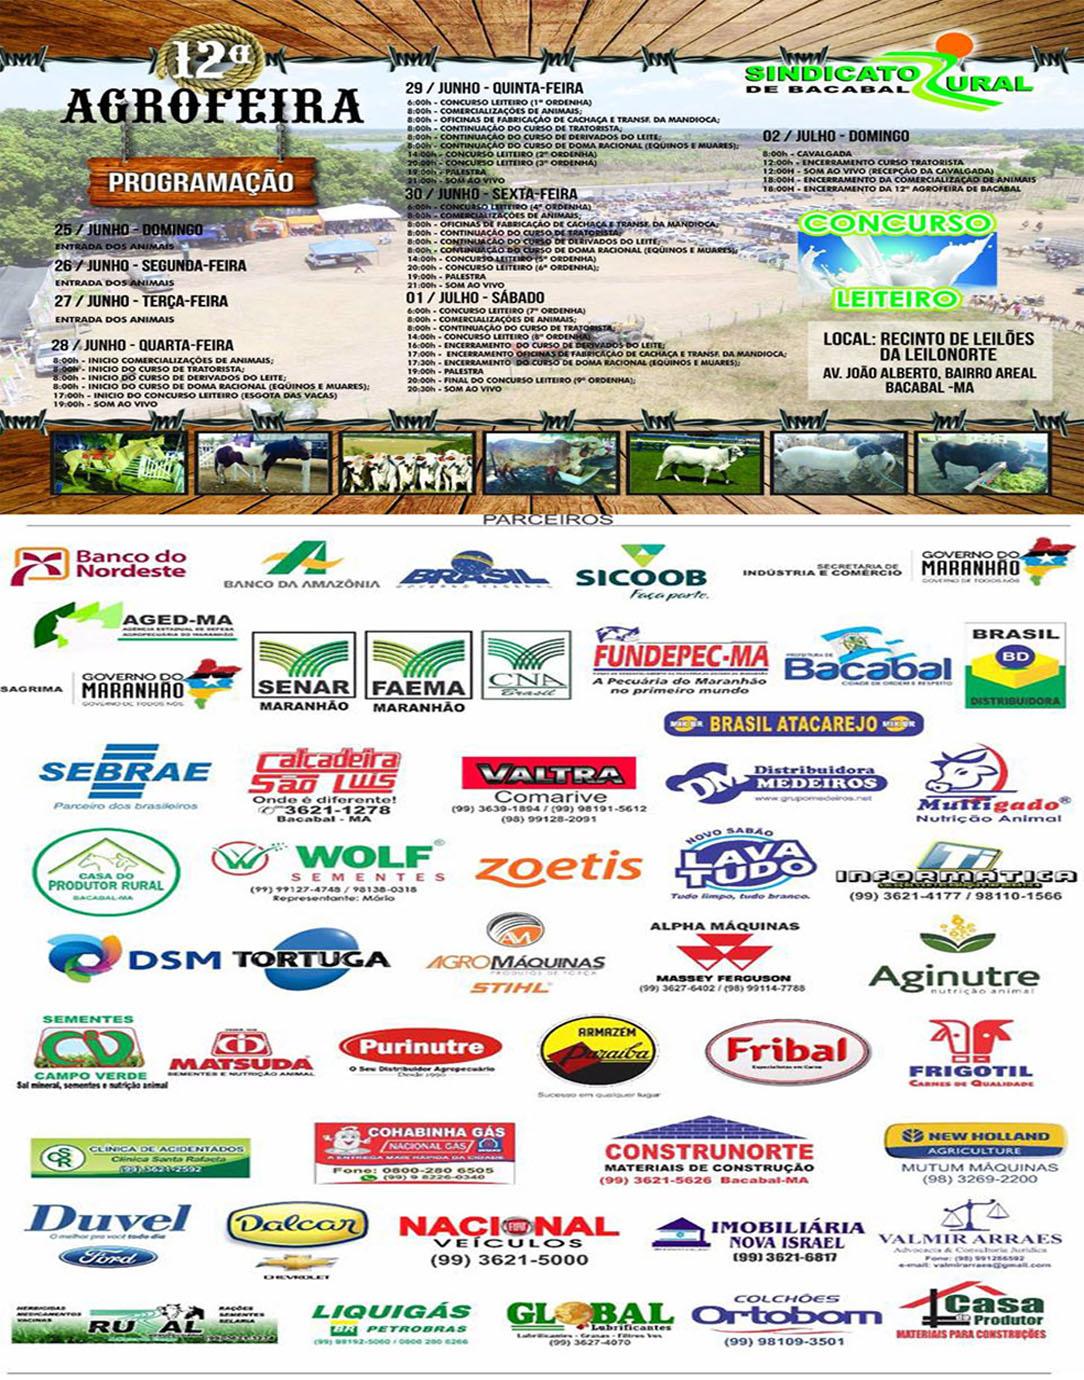 AGROFEIRA 2017